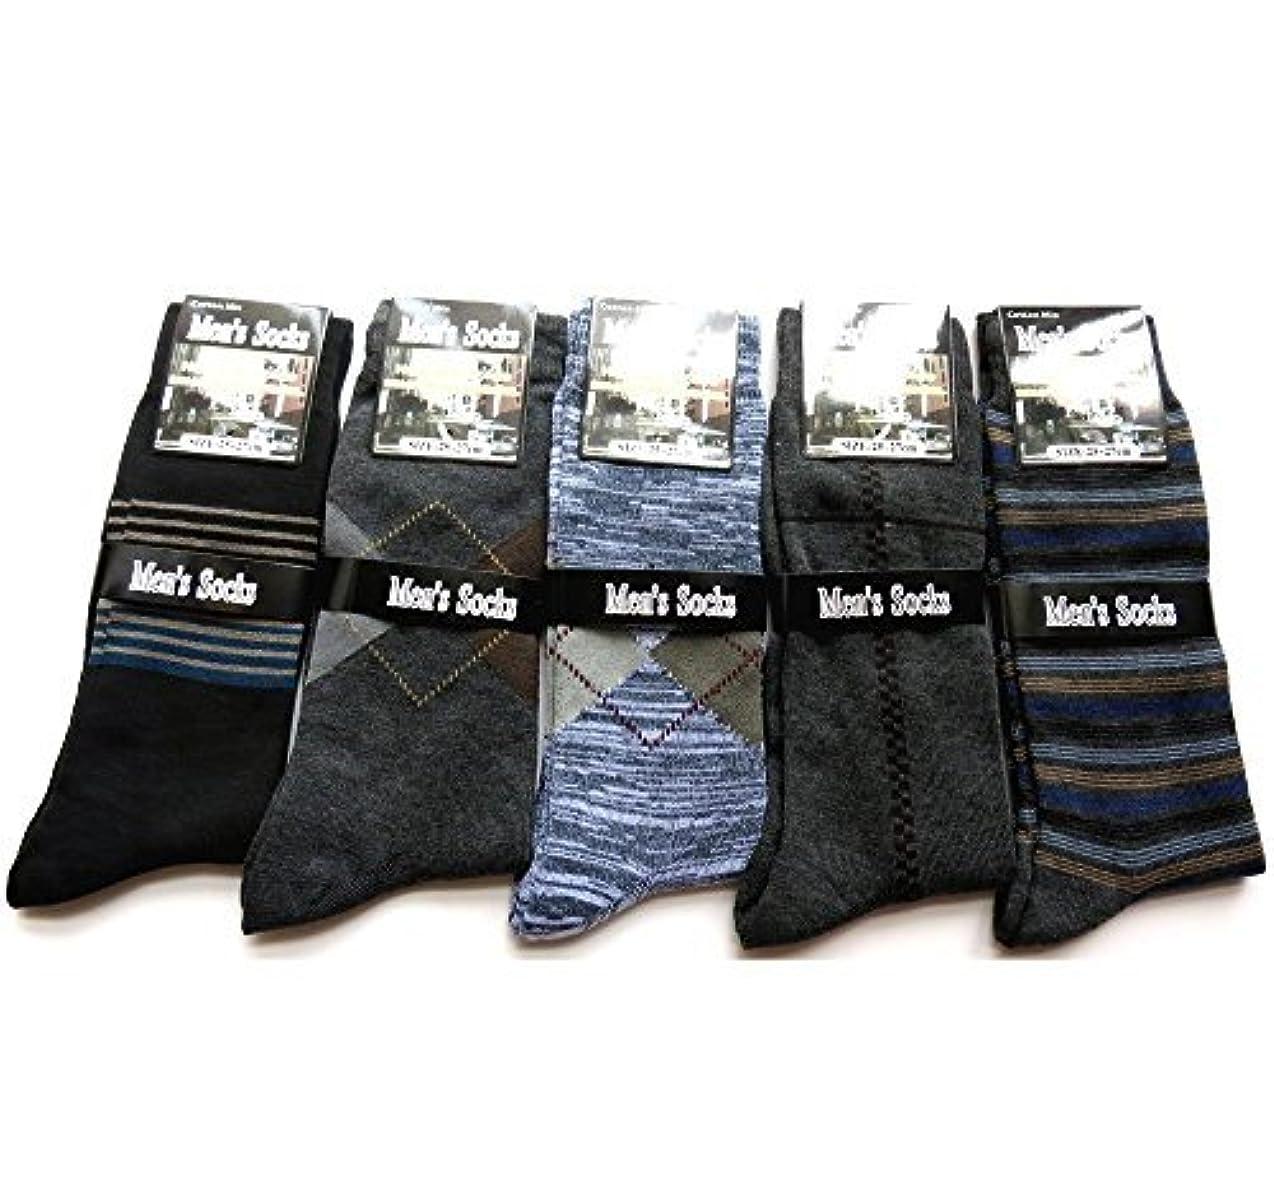 ペルソナ墓地憤る紳士 ビジネスソックス カジュアル ソックス メンズ 靴下 メンズ 25-27cm 5足セット(柄はお任せ)